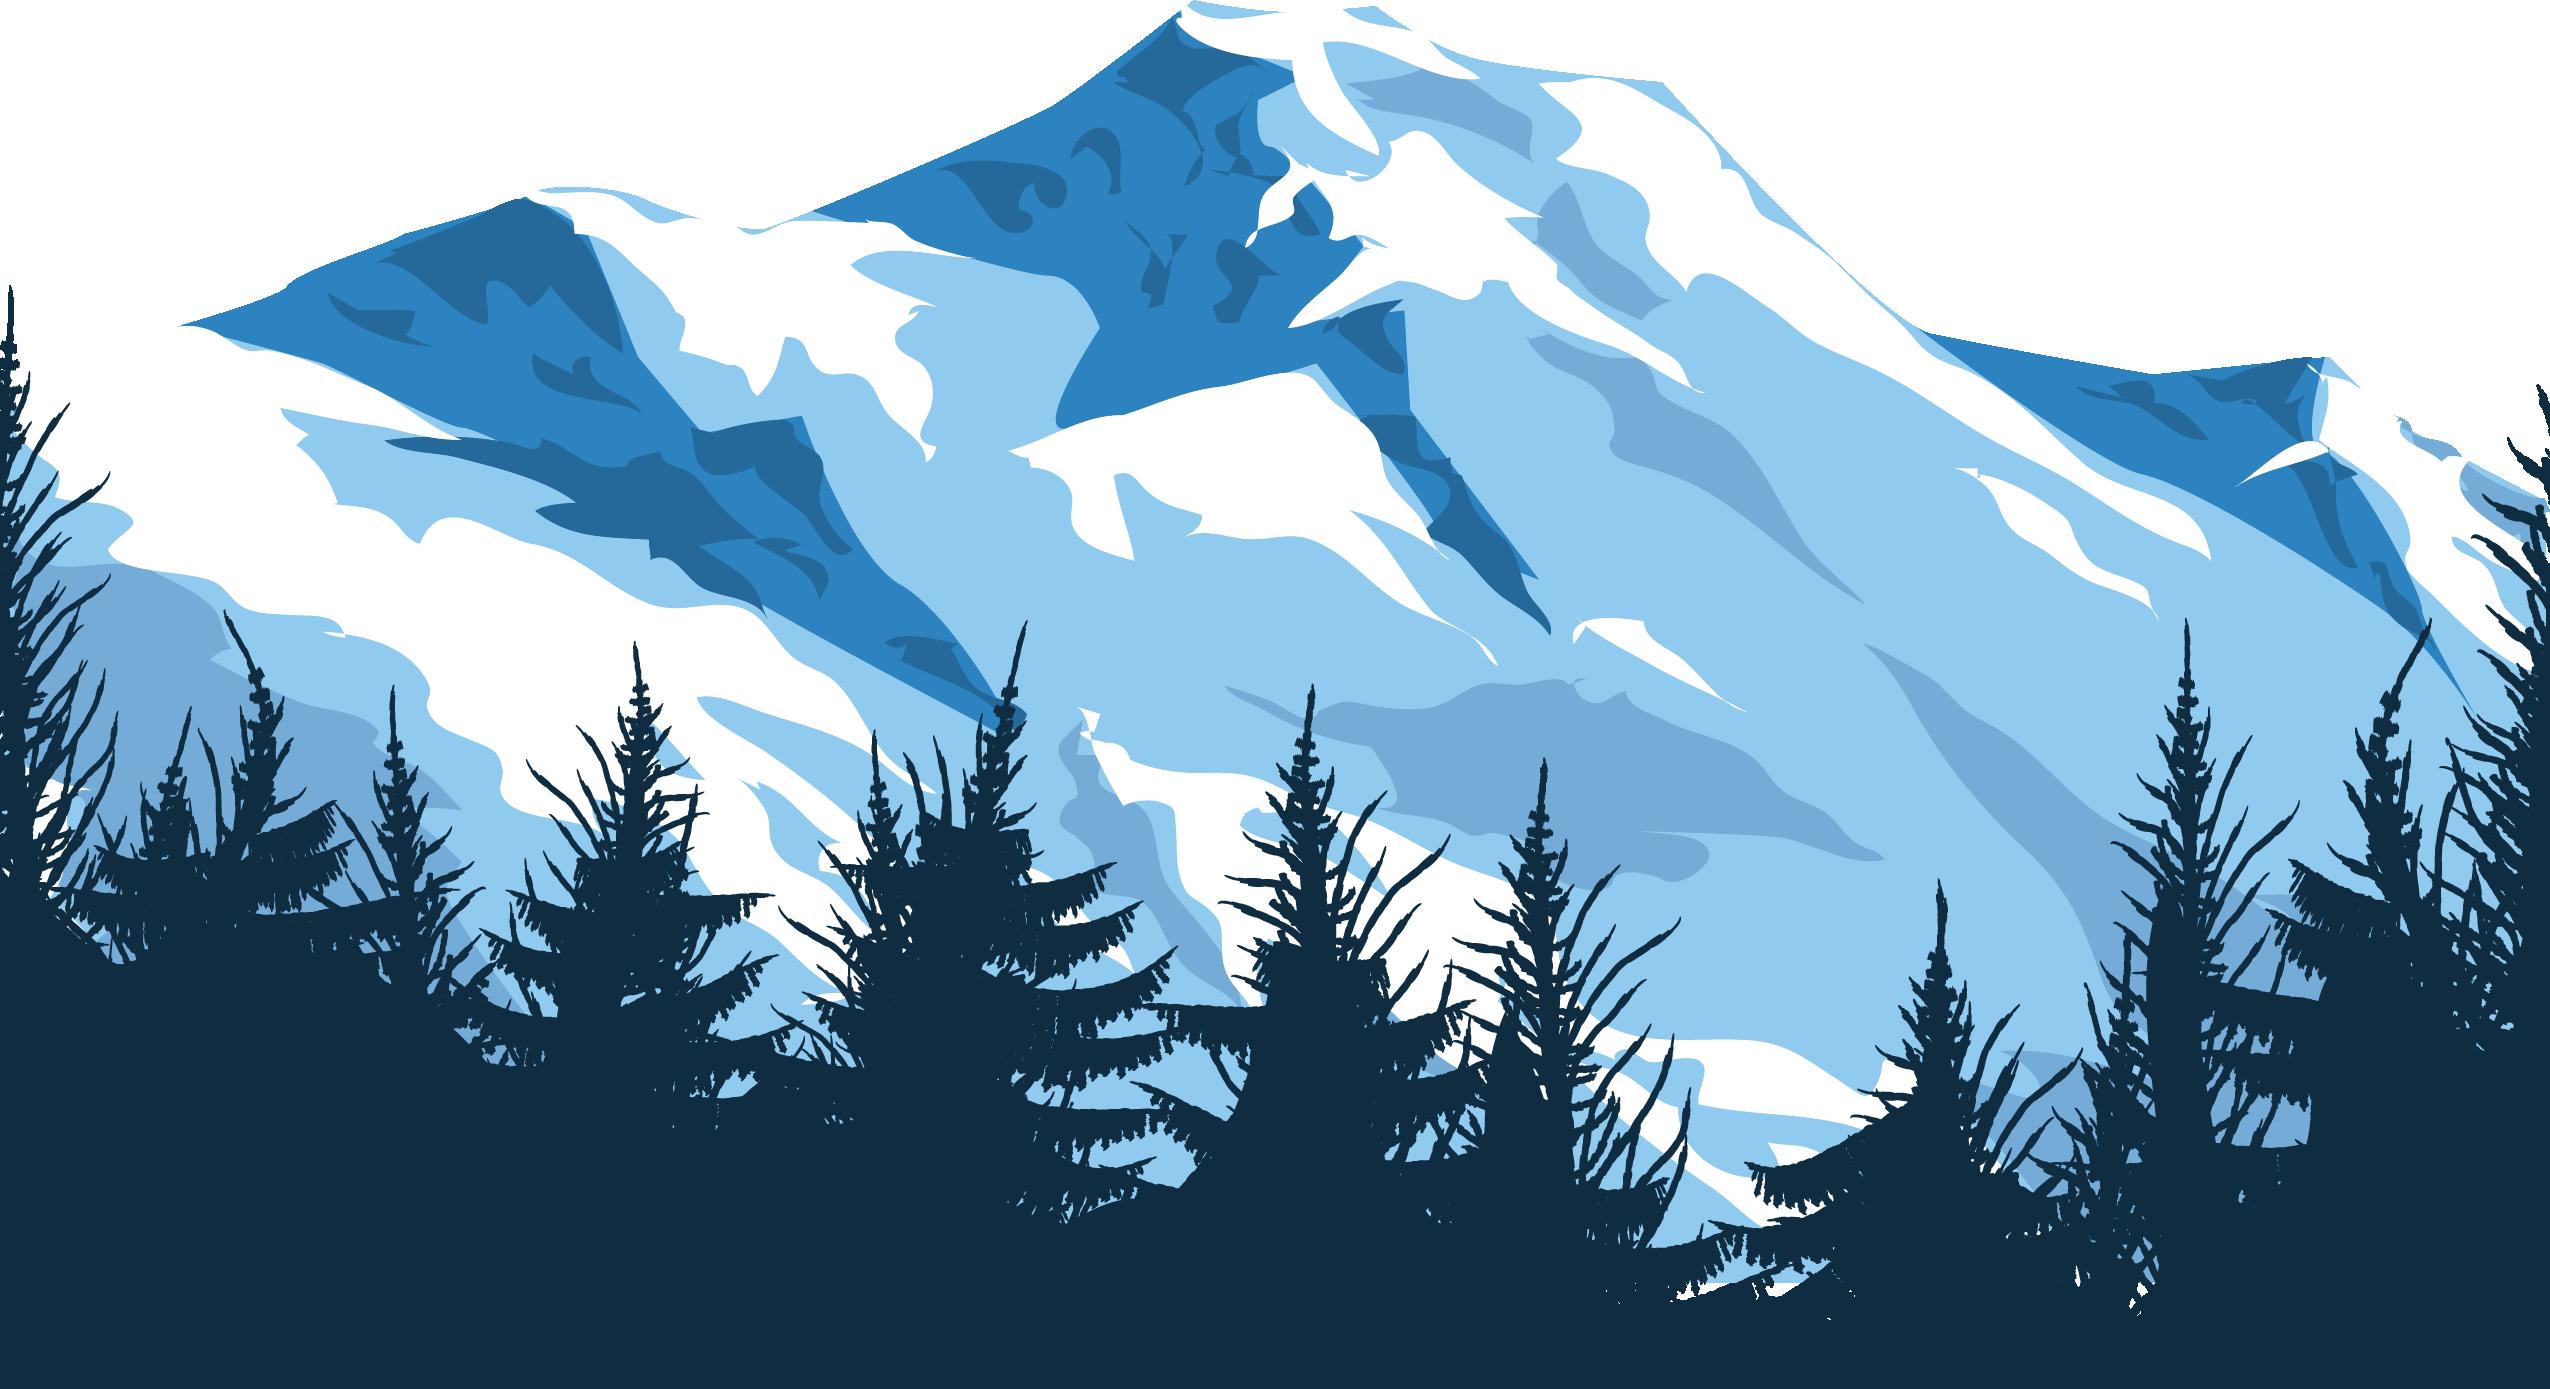 Mount Everest Mountain Euclidean vector Illustration.